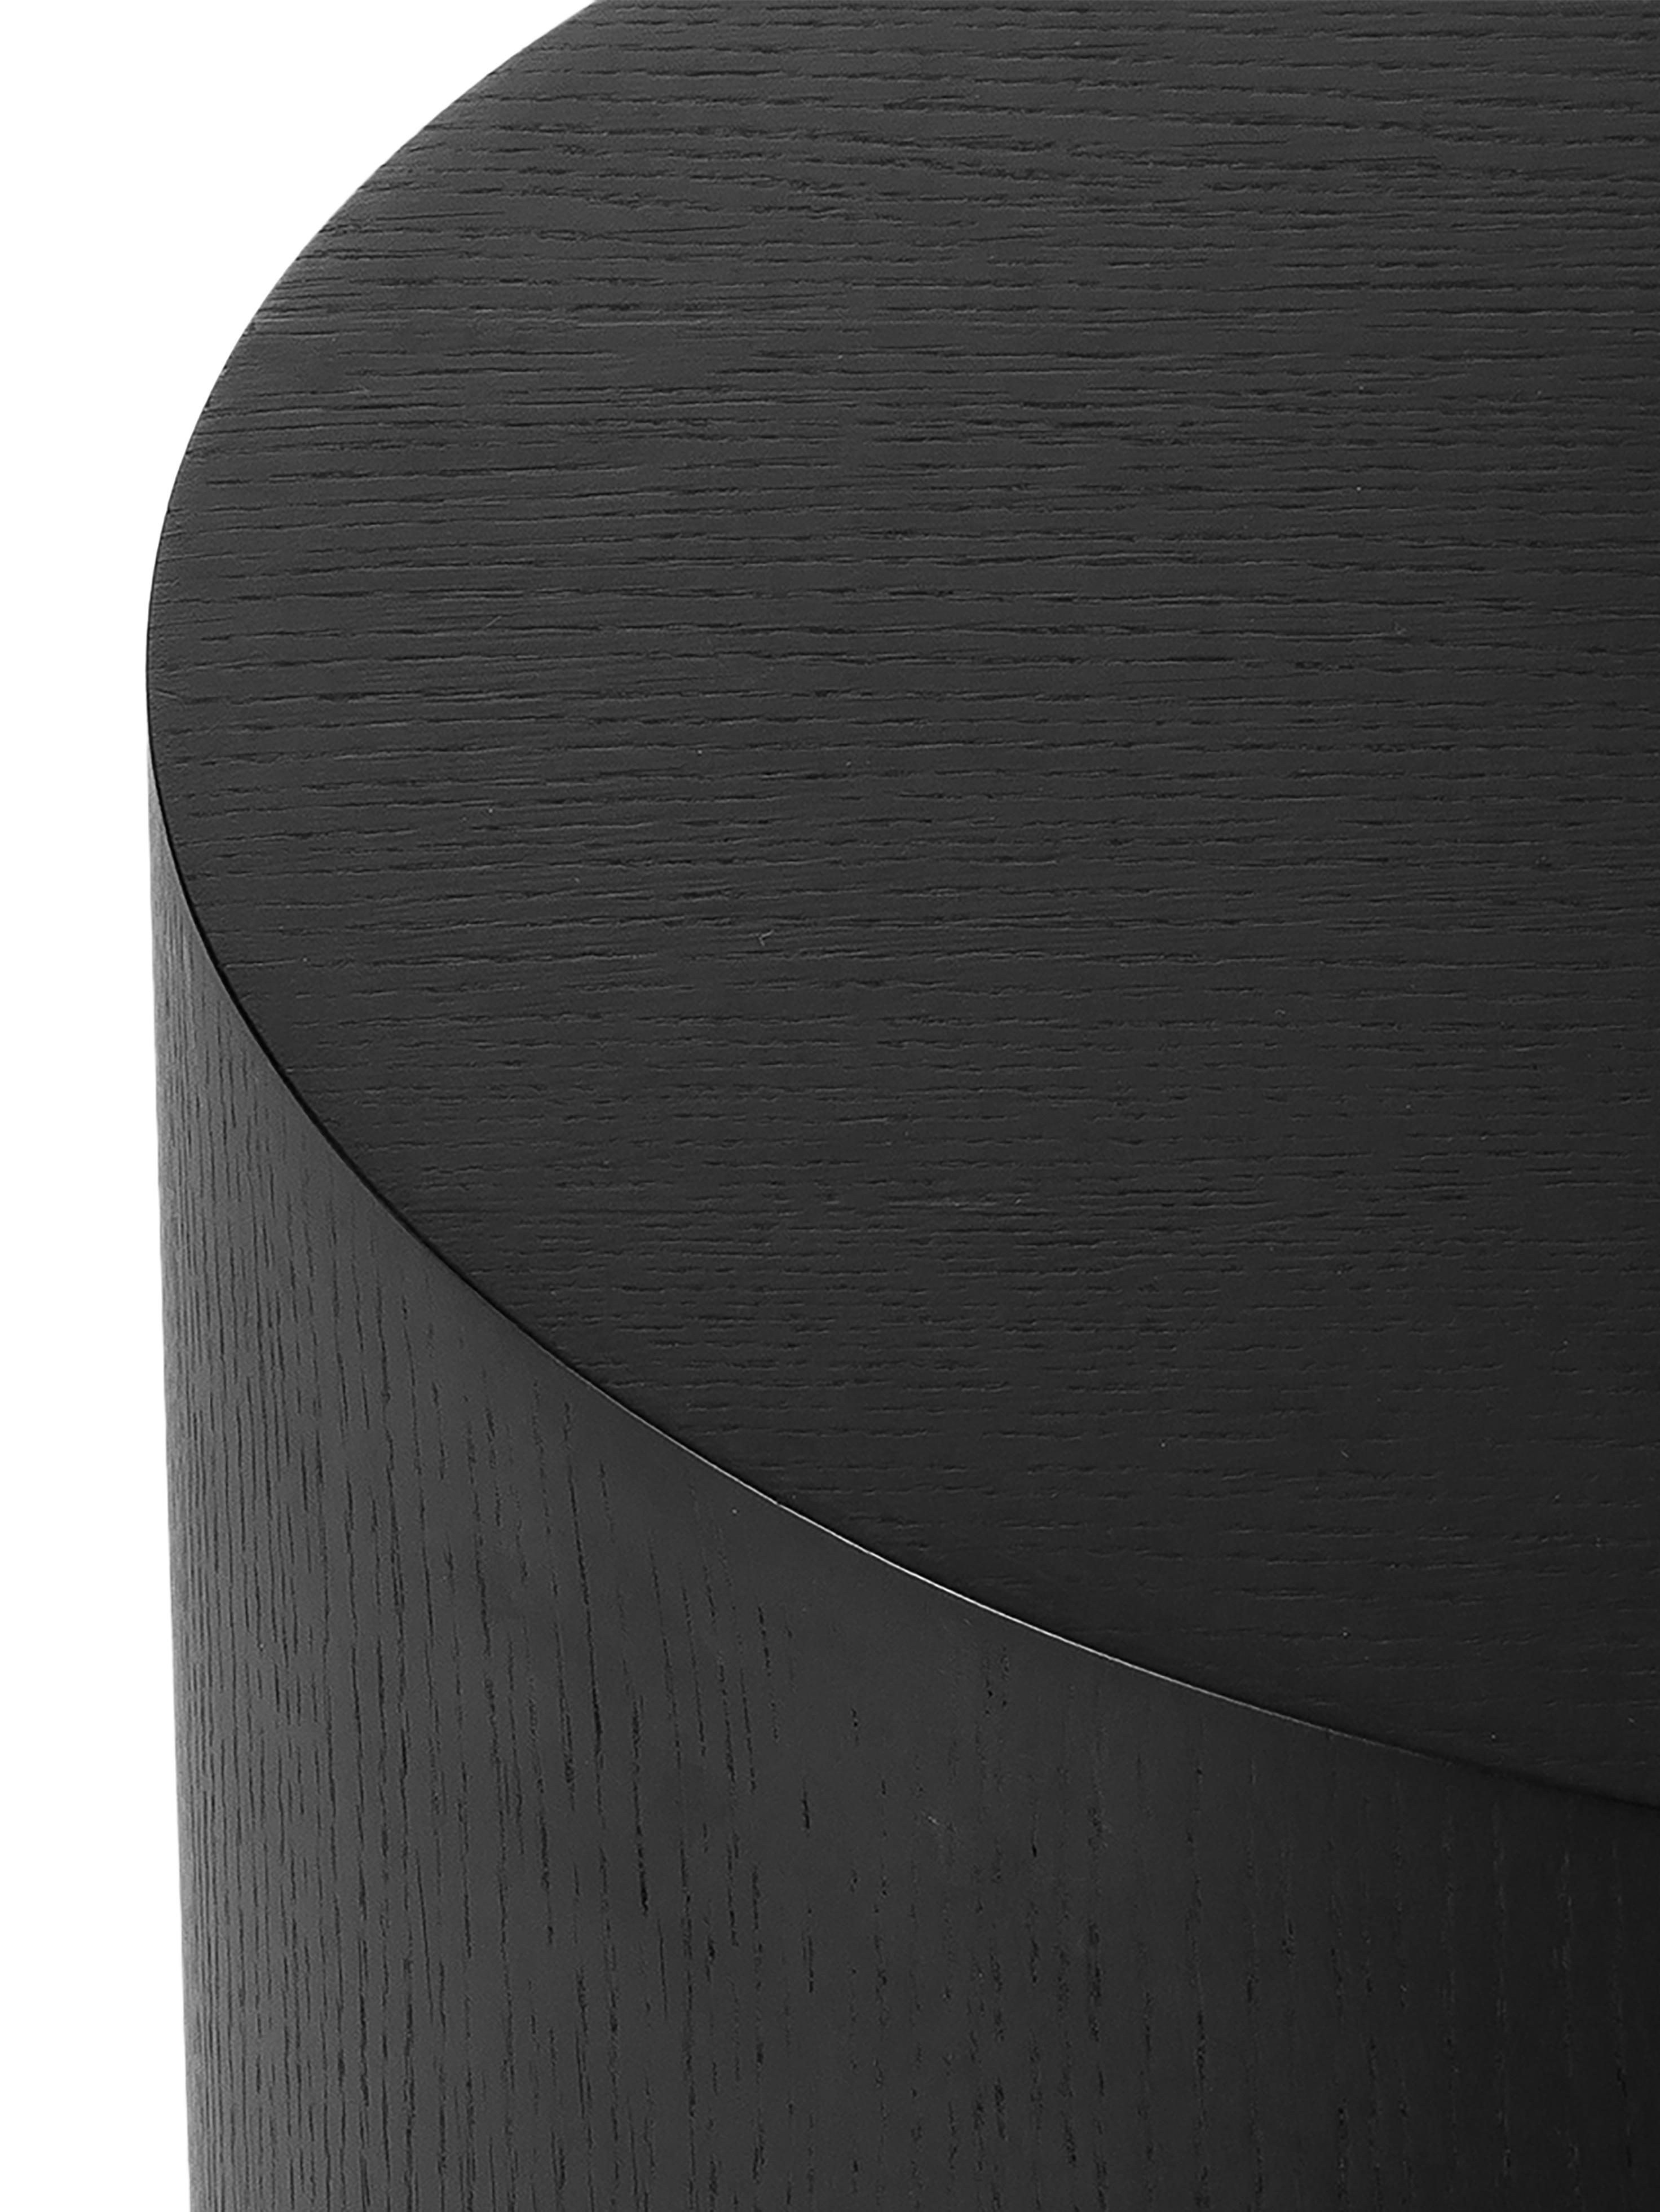 Tavolino rotondo nero Clarice, Struttura: legno di frassino, nero verniciato Gamba: dorato, Ø 40 x Alt. 50 cm